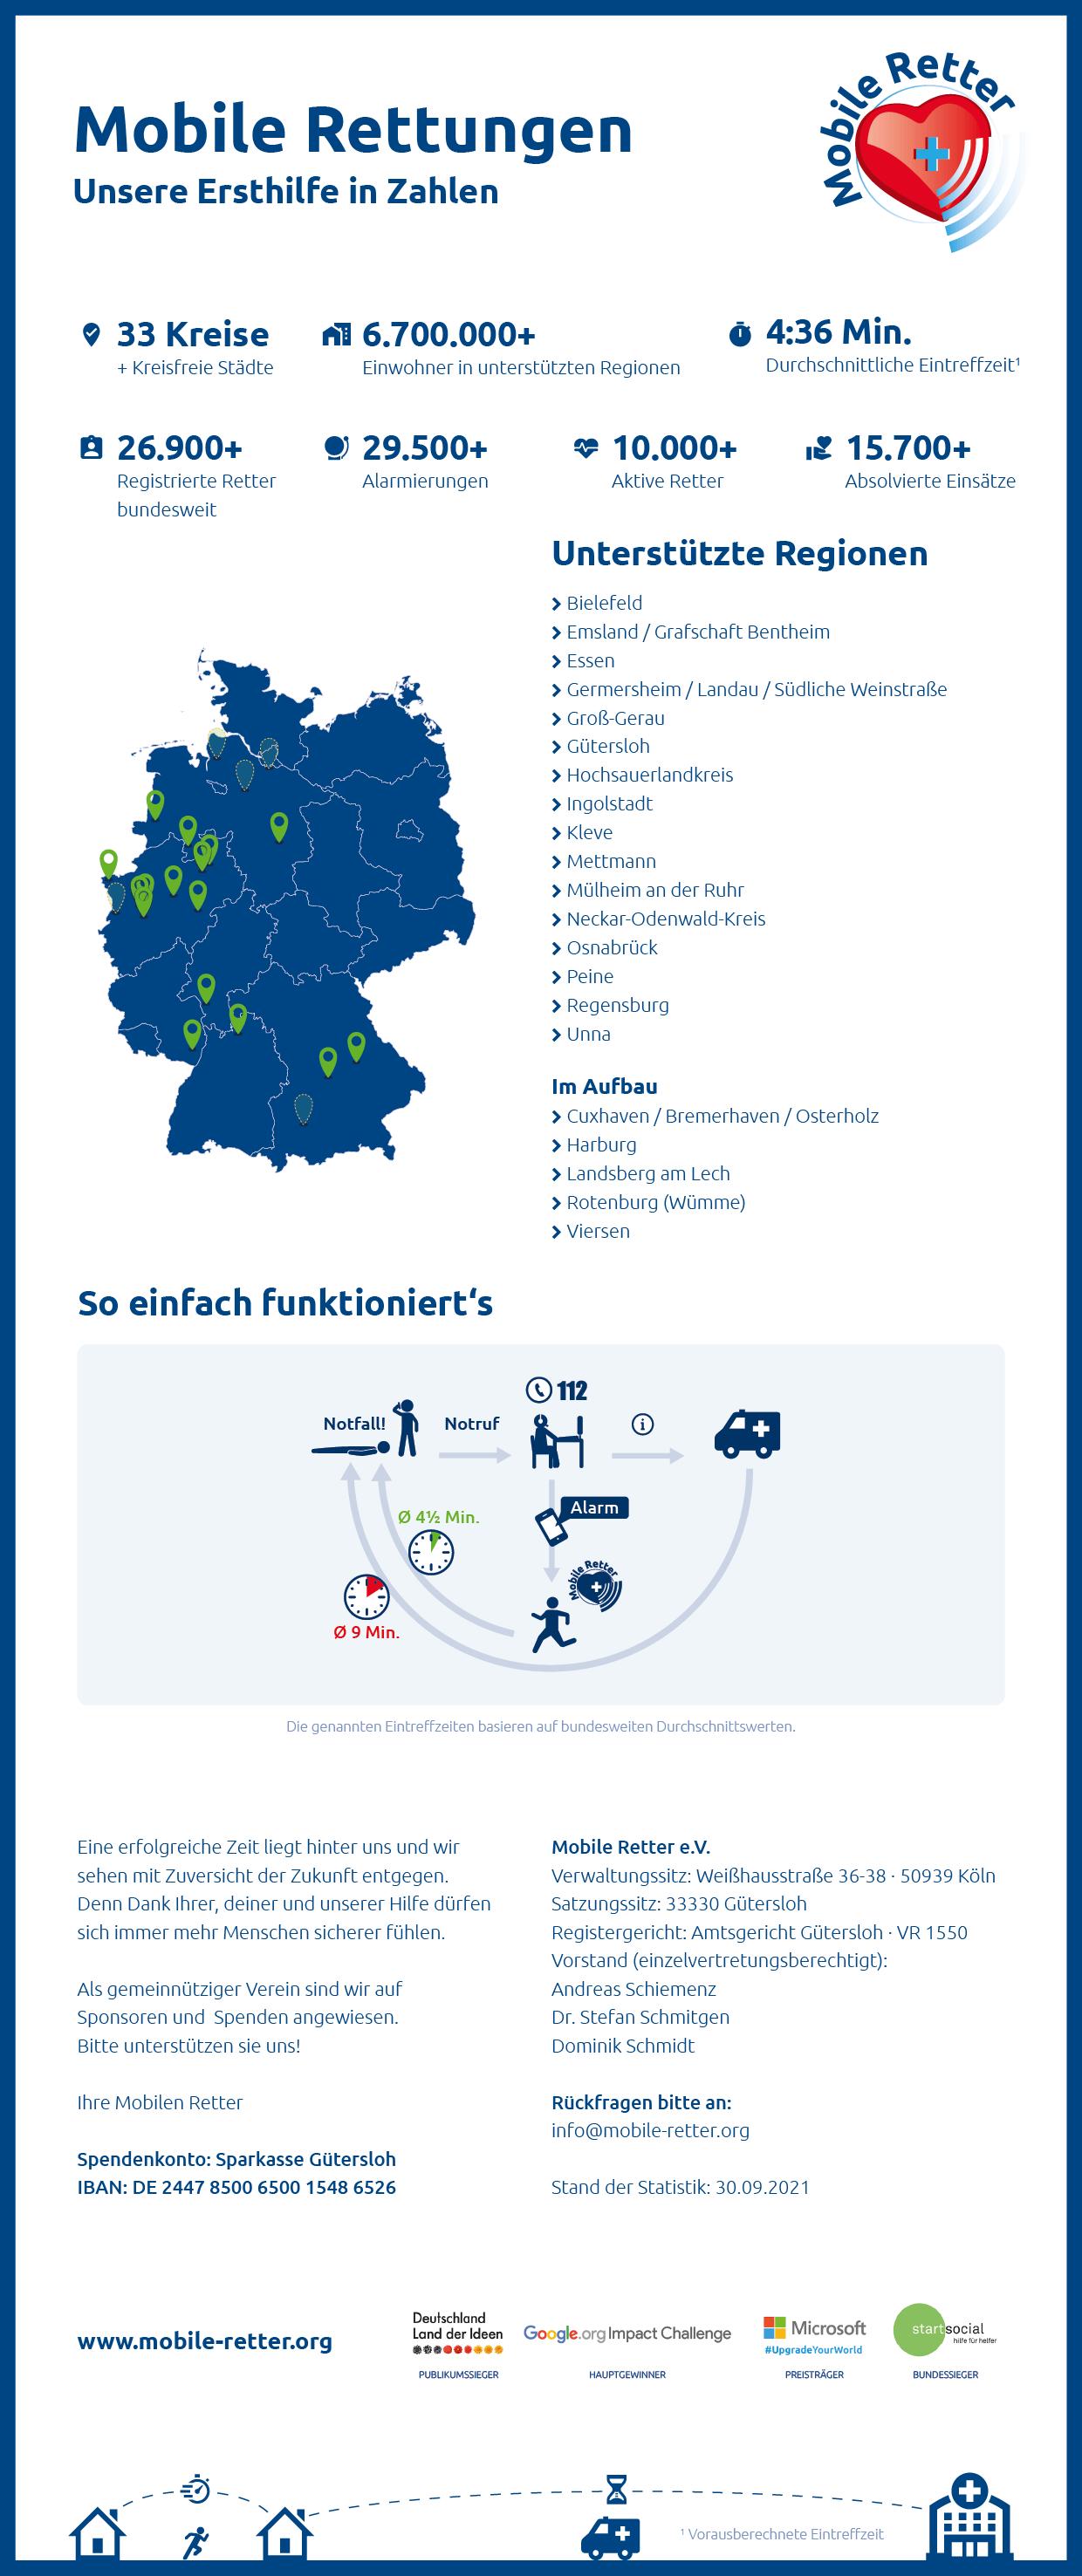 mobile-retter-infografik-2021-09-30